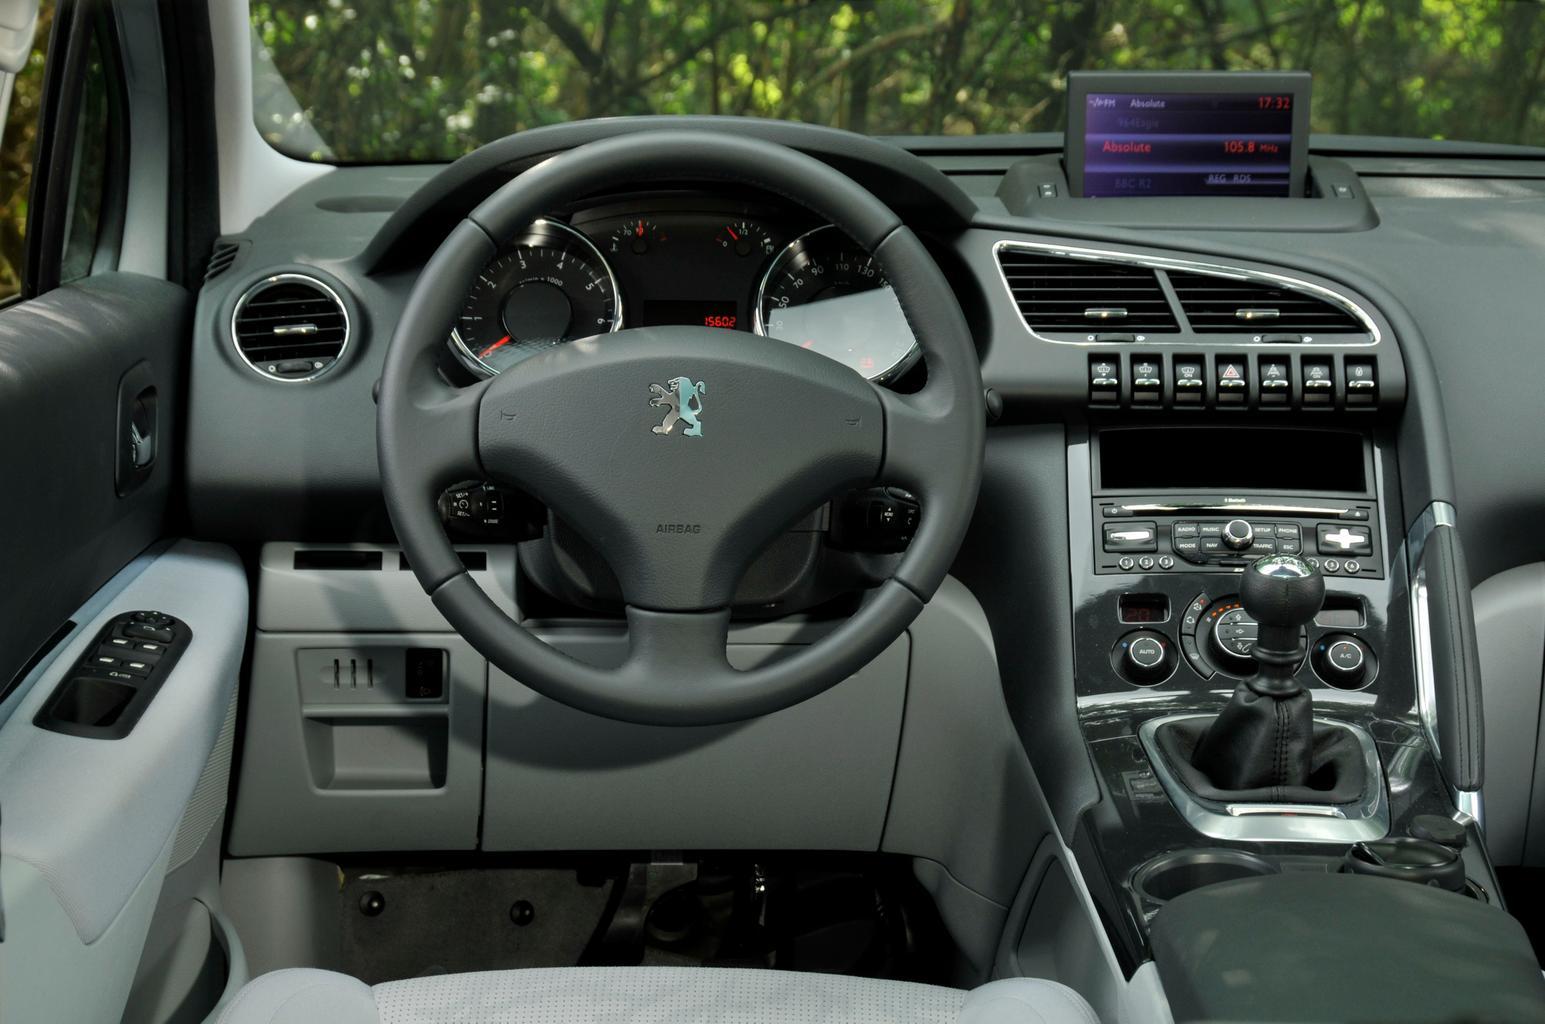 Used test: Peugeot 3008 vs Nissan Qashqai